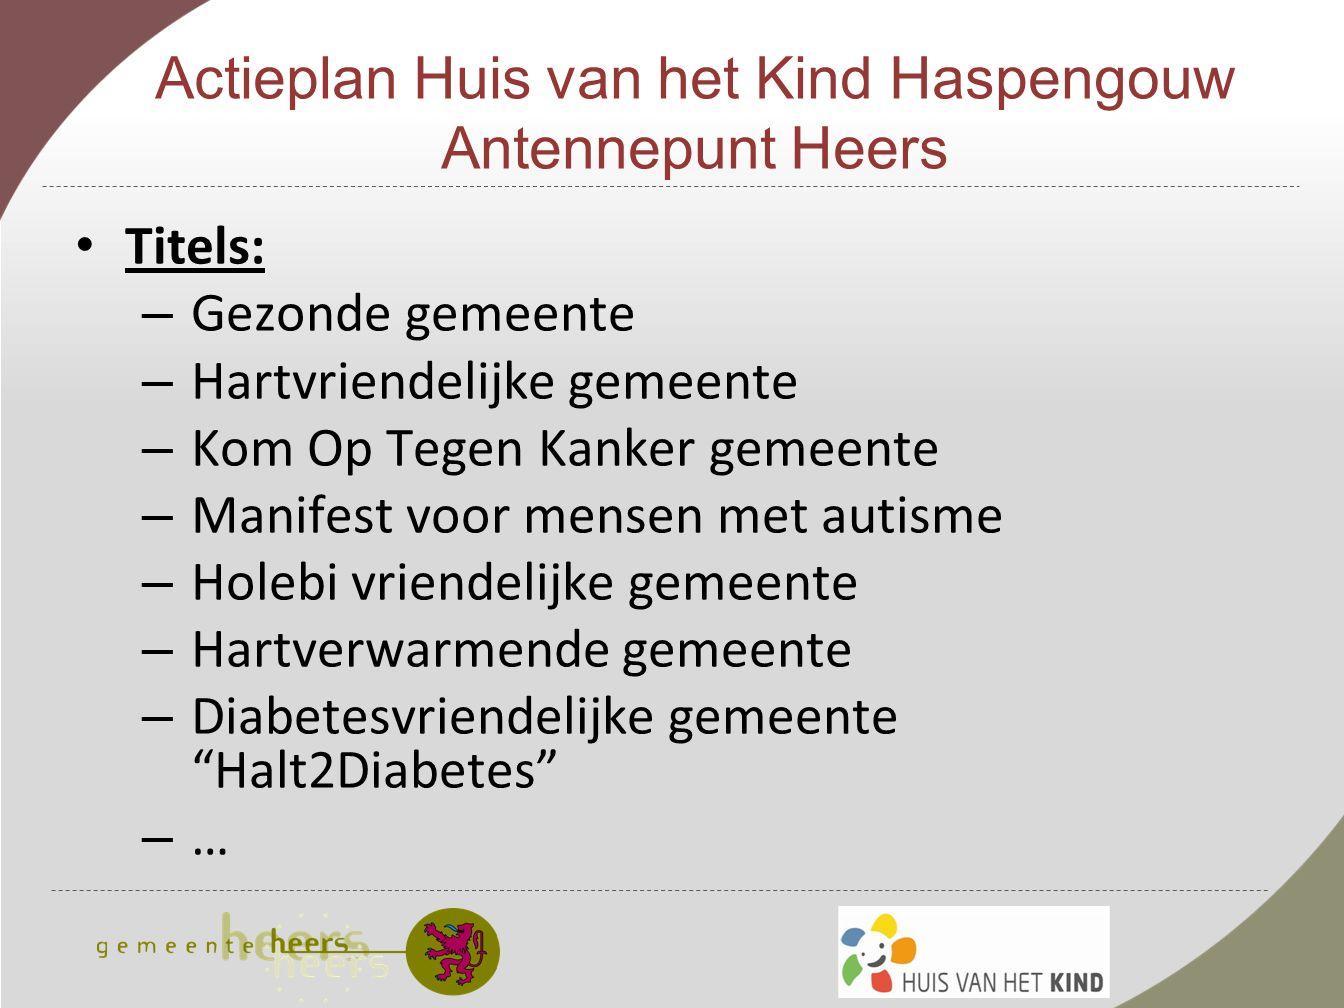 Actieplan Huis van het Kind Haspengouw Antennepunt Heers Knutselfestijn/koffiestop